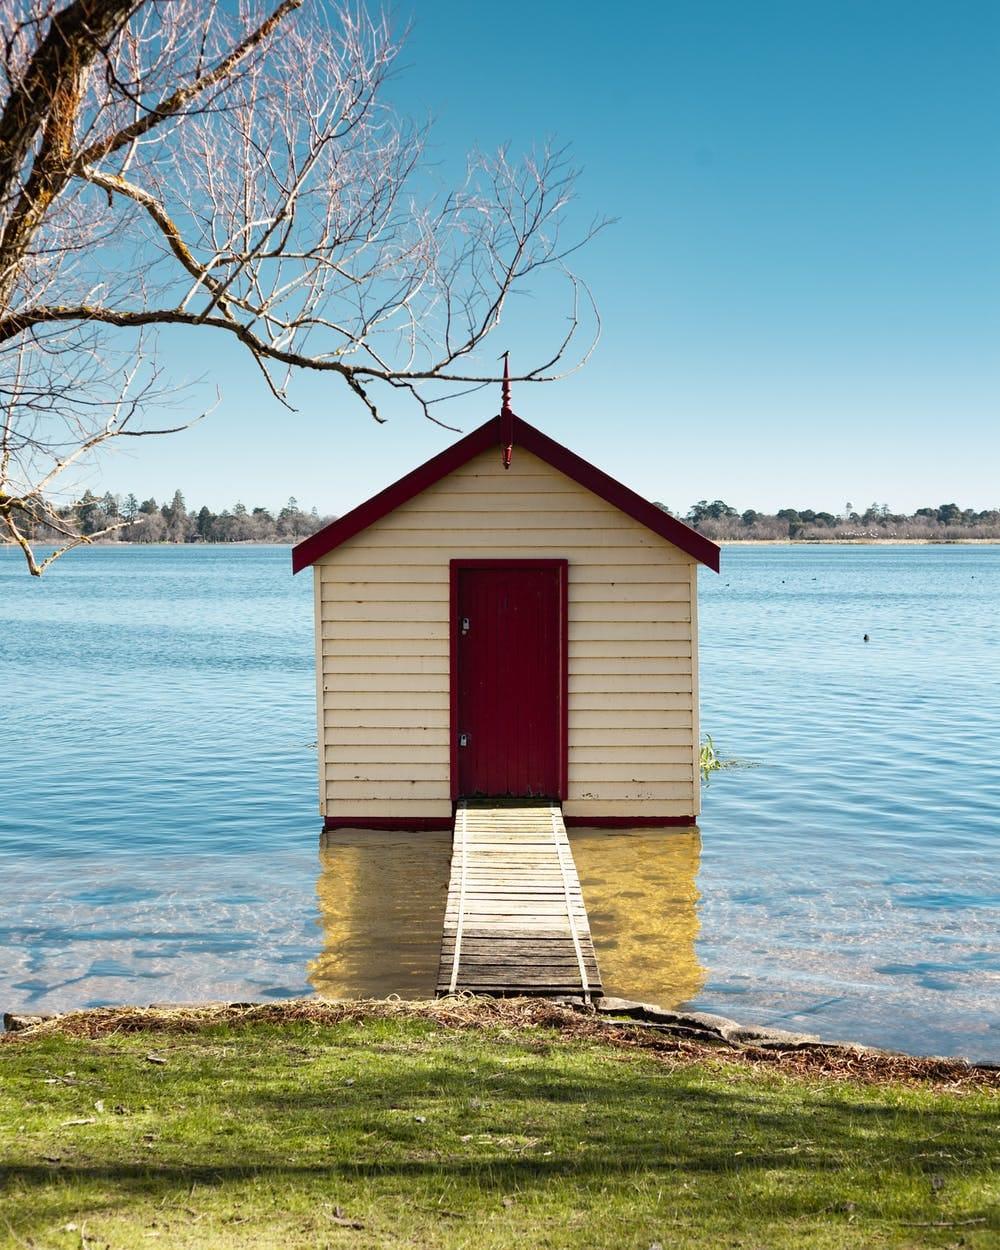 Cómo viajar barato por Australia: itinerarios, consejos y demás - Worldpackers - casa pequeña en medio de un lago en Australia